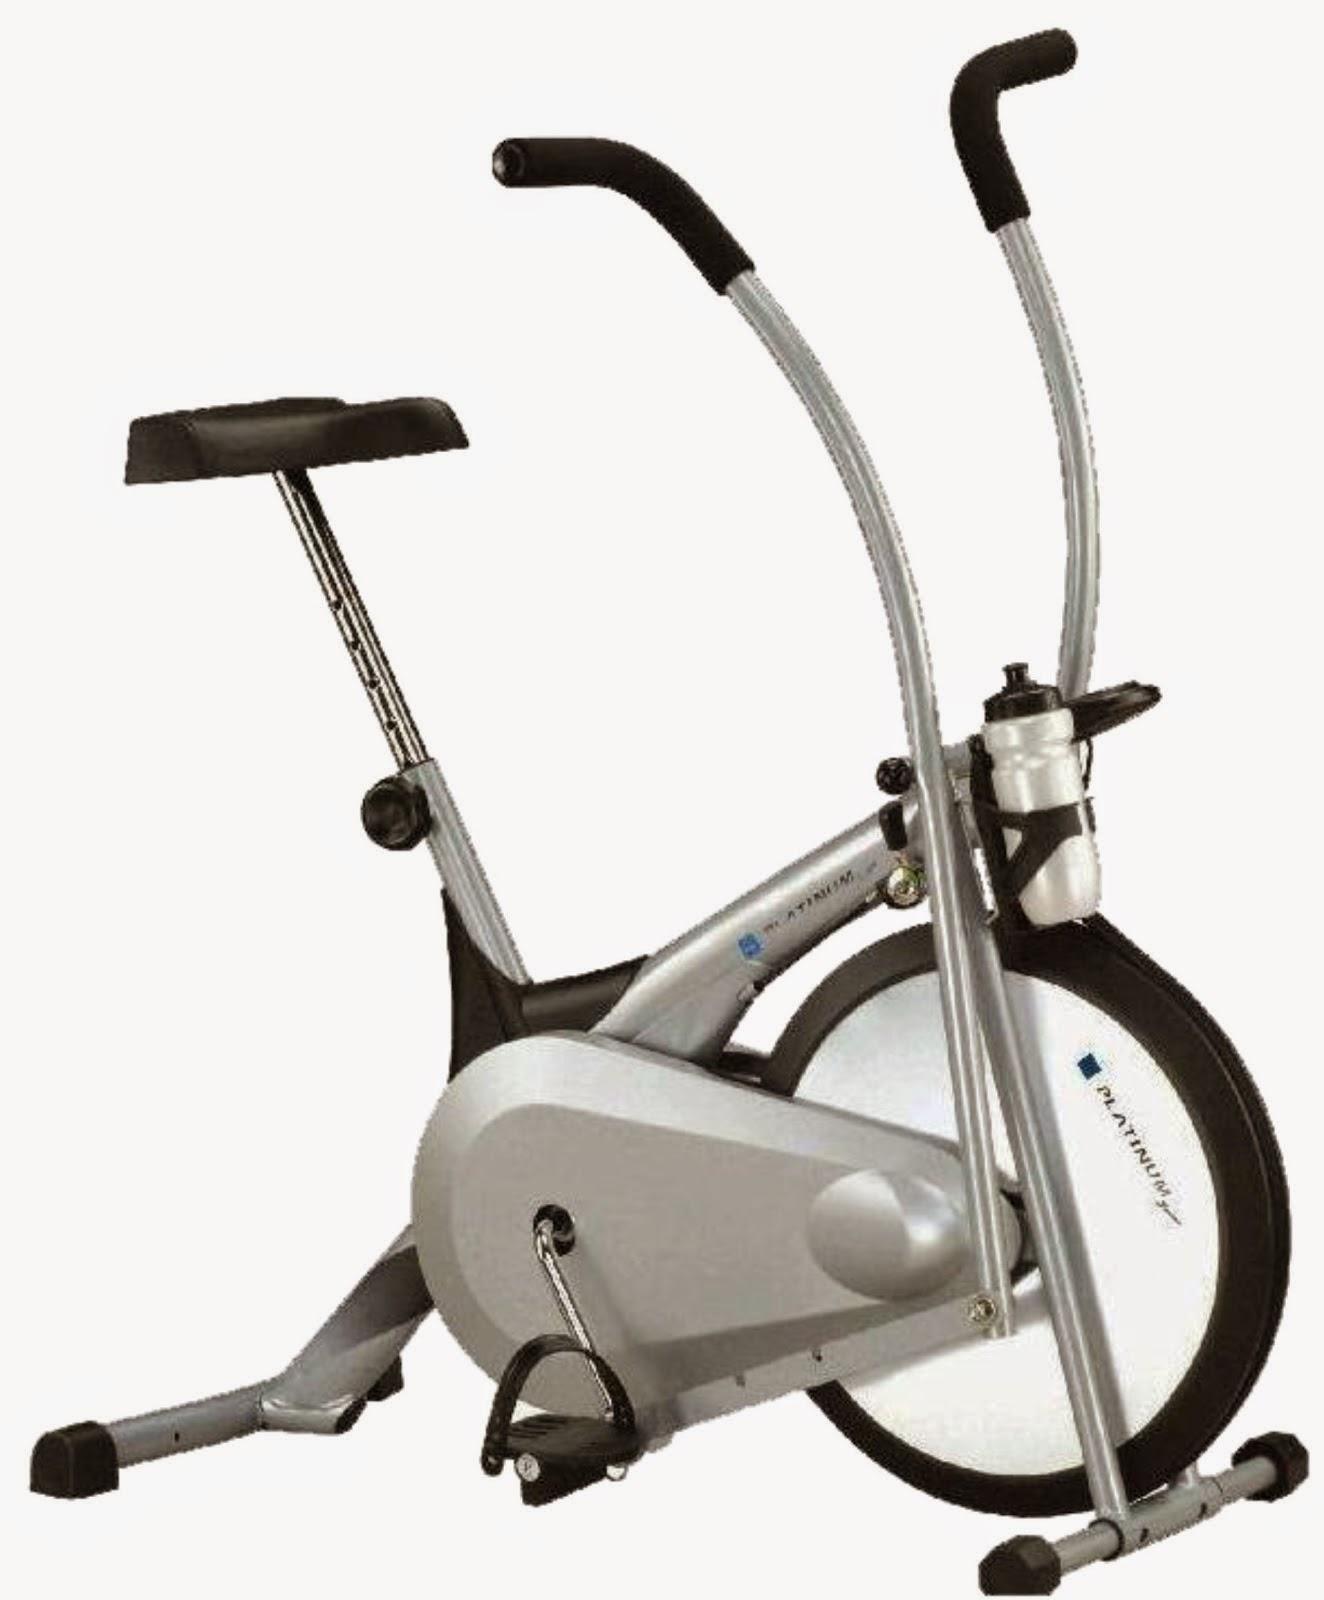 Sepeda Olahraga Sepeda Statis Jual Harga Murah Grosir